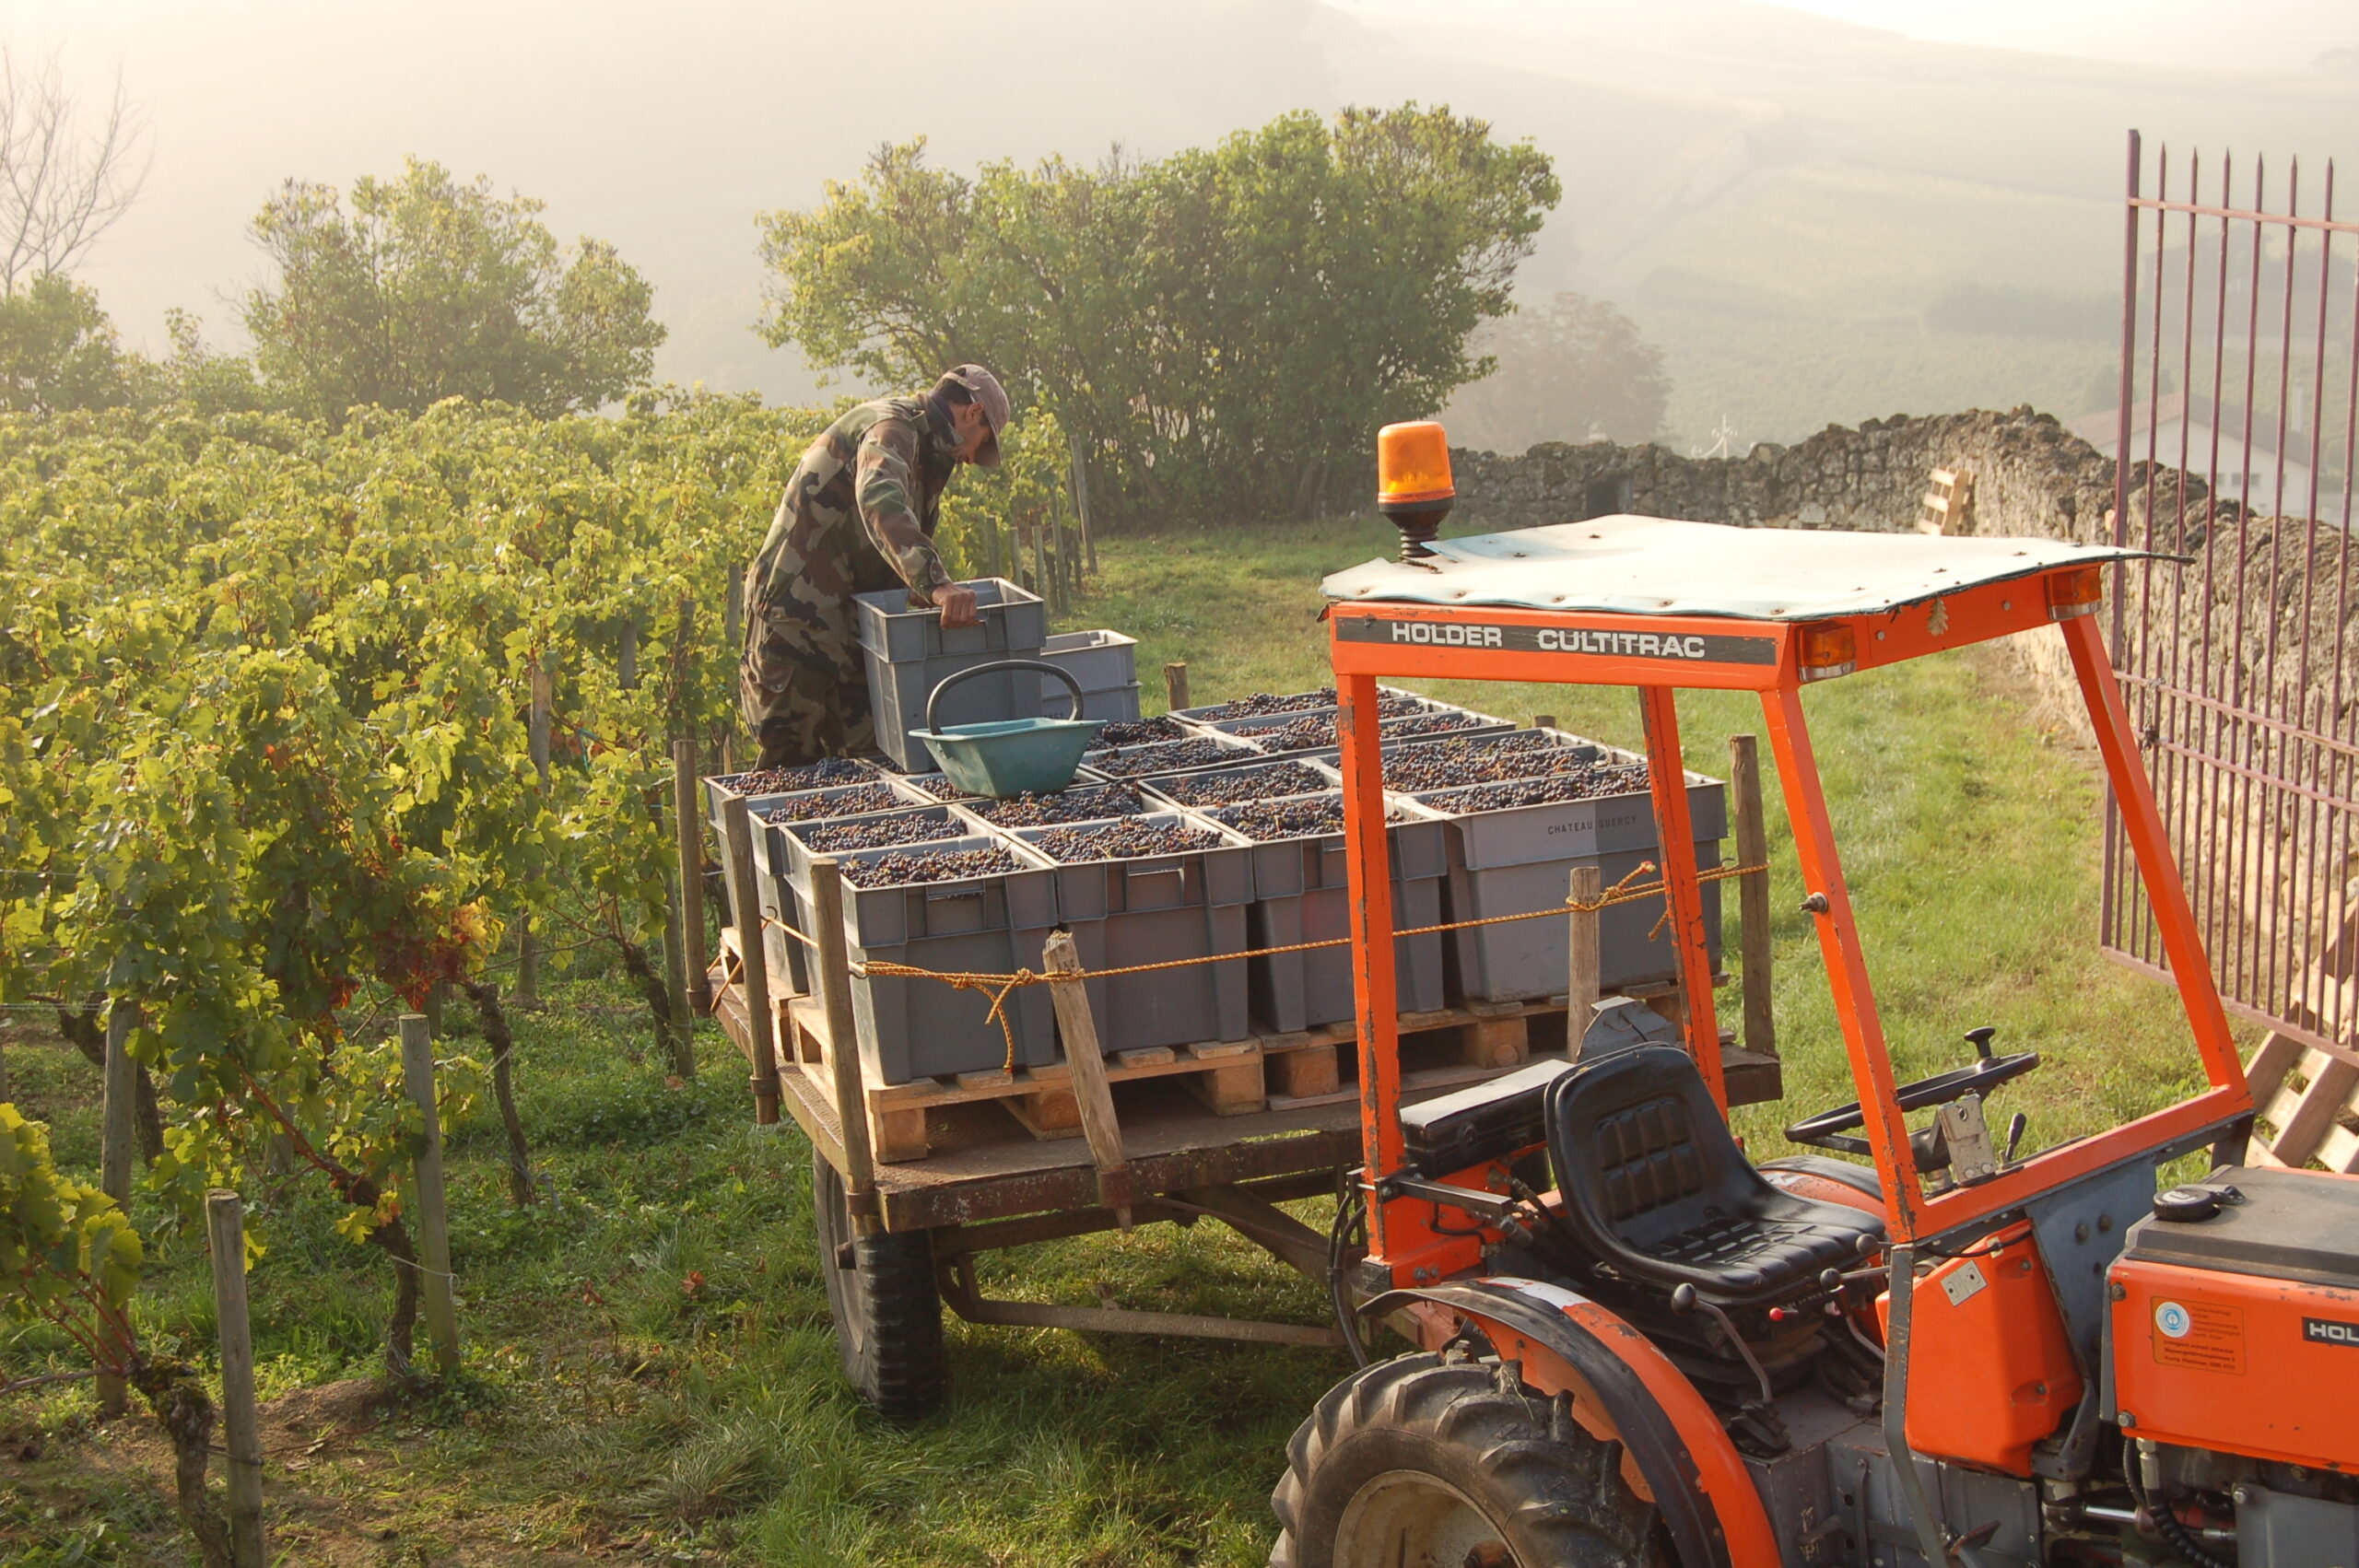 2010 La Clotte Harvest starts late in St. Emilion Bordeaux